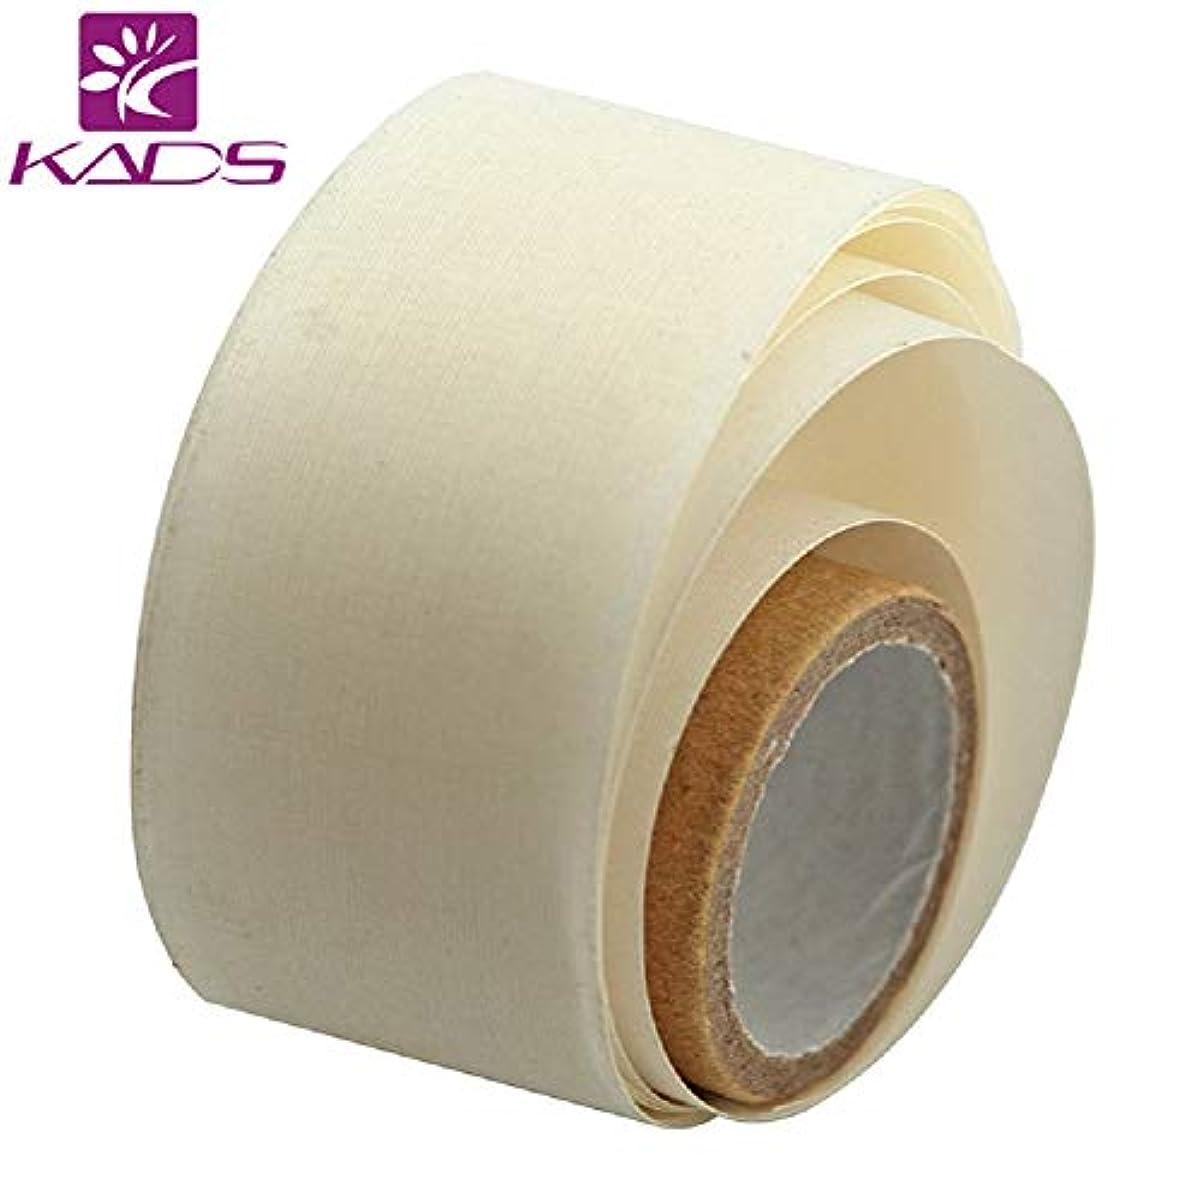 辛な違反追い払うKADS ネイルシルクテープ ネイルリペアテープペラ用 爪の補修 ジェルアクリルネイルアートツール